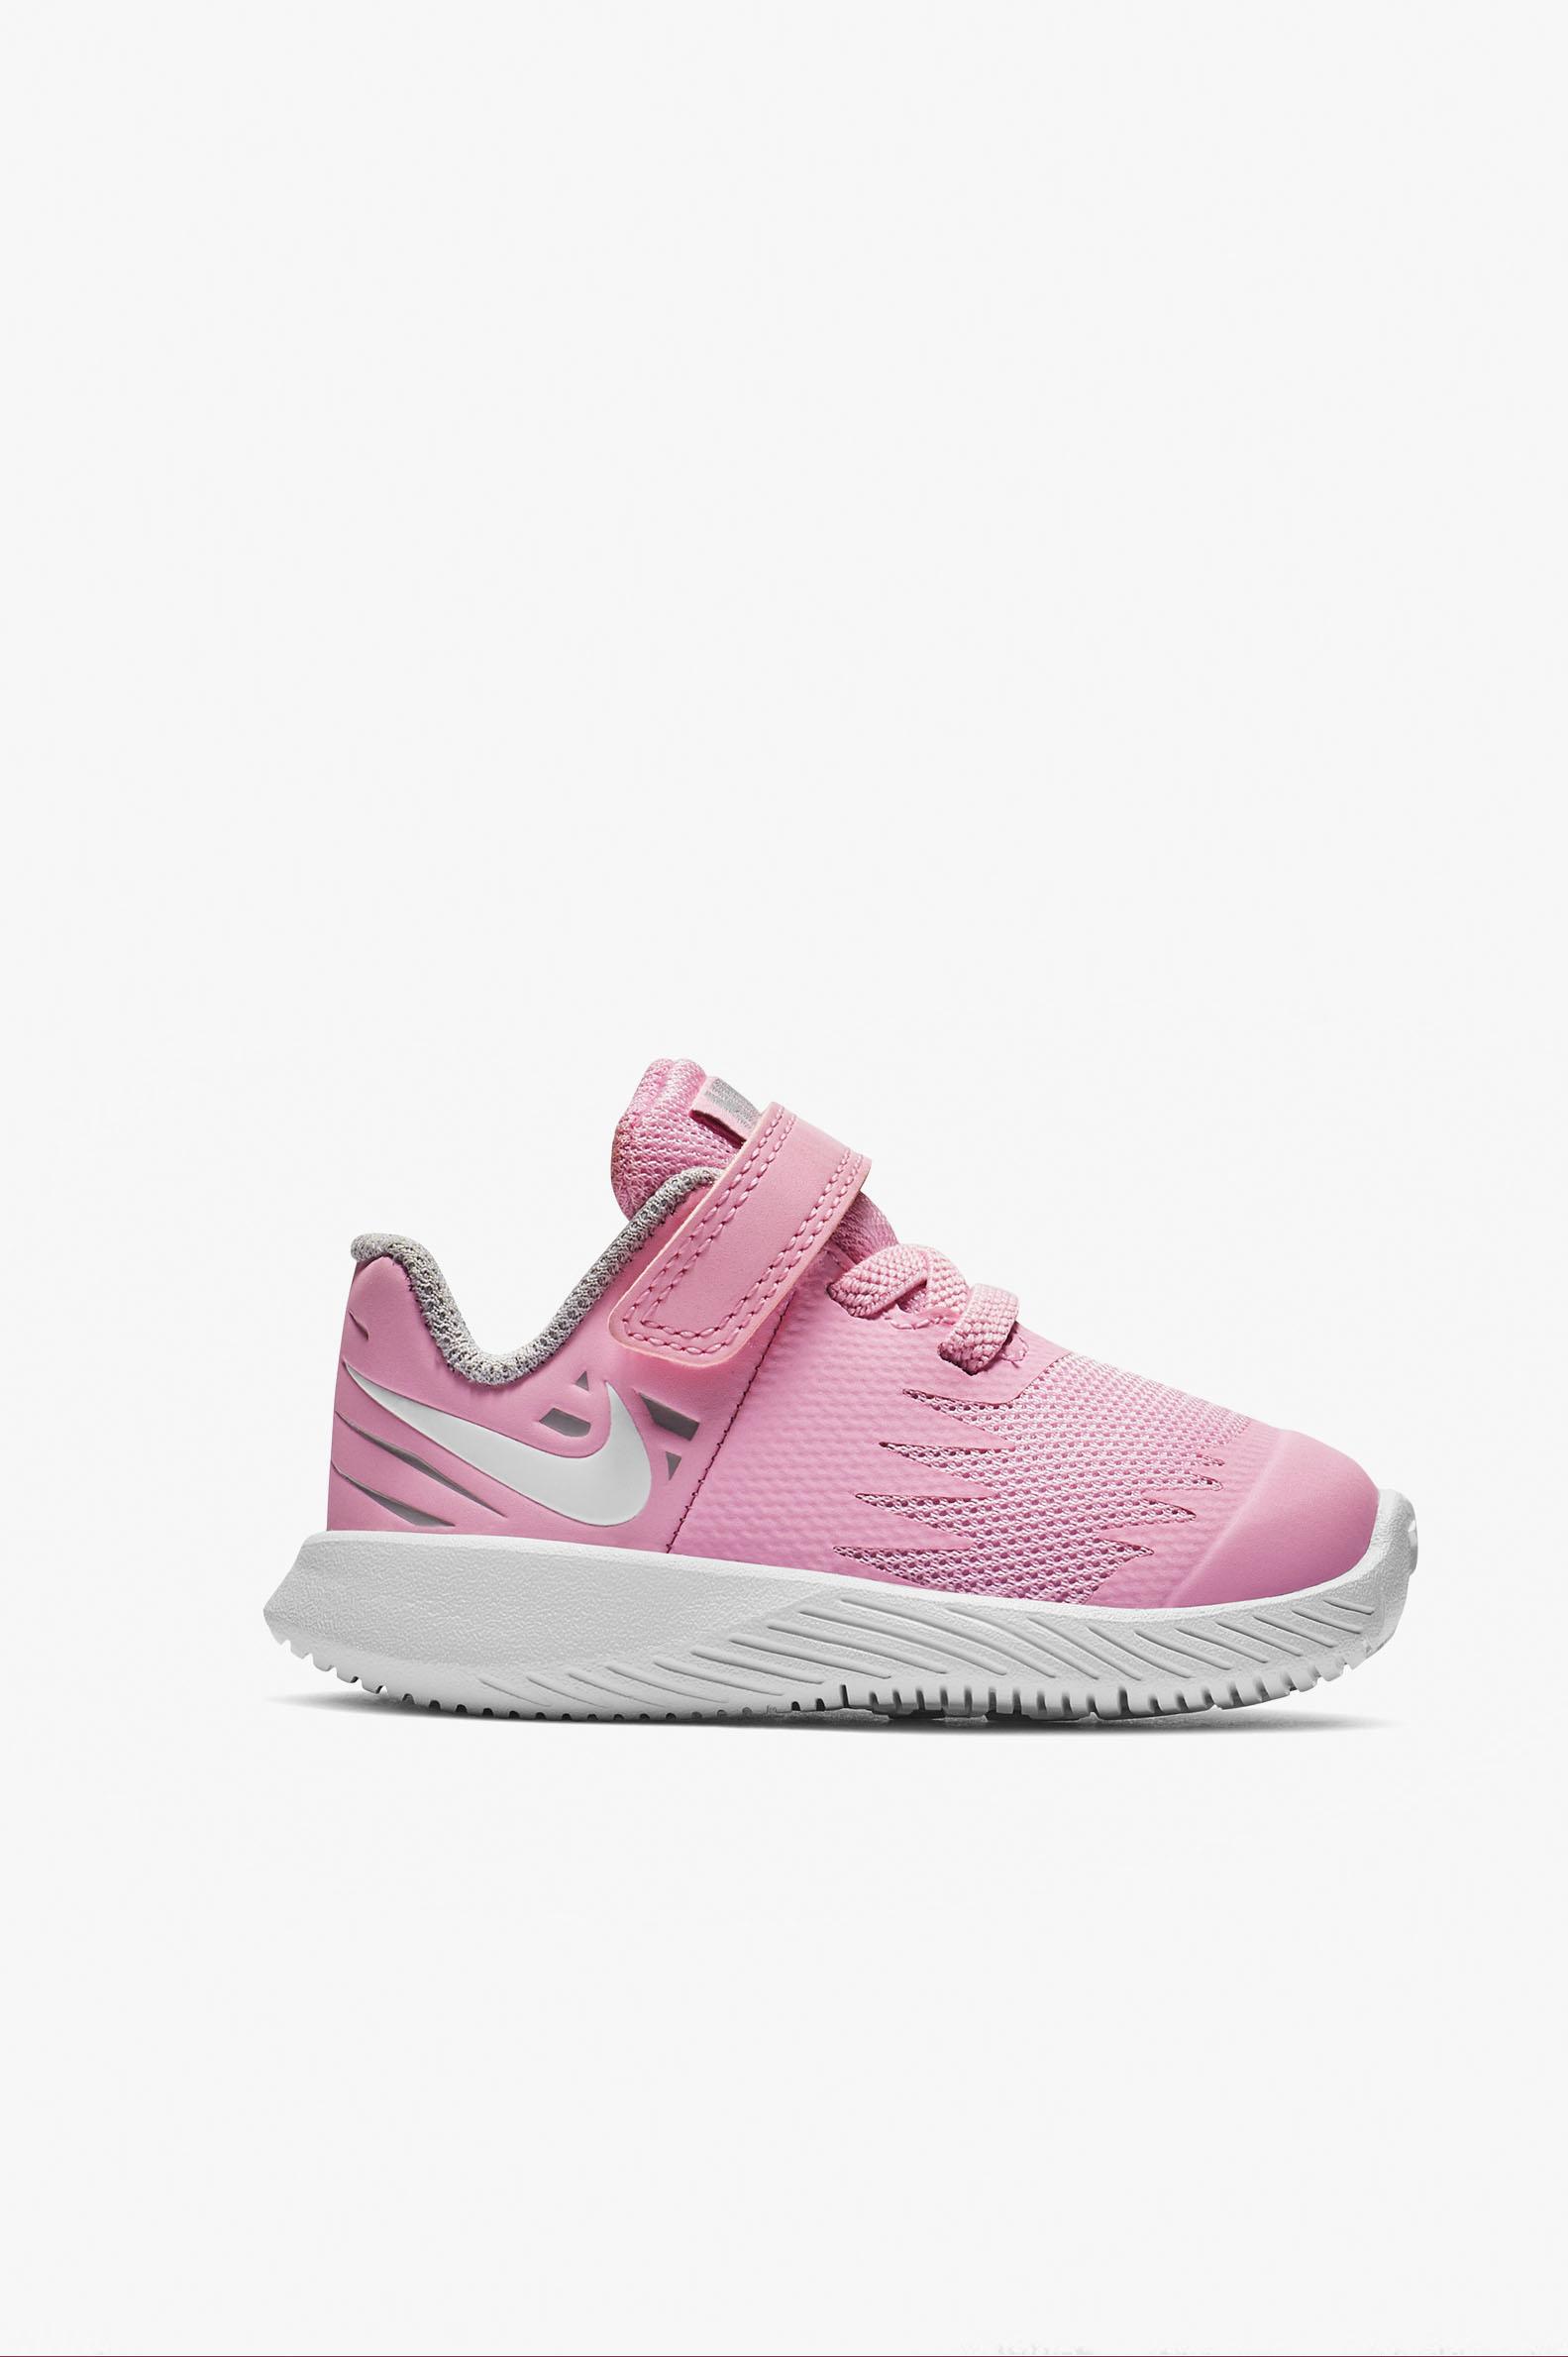 Zapatillas nike niño niña talla 23.5 de segunda mano por 10